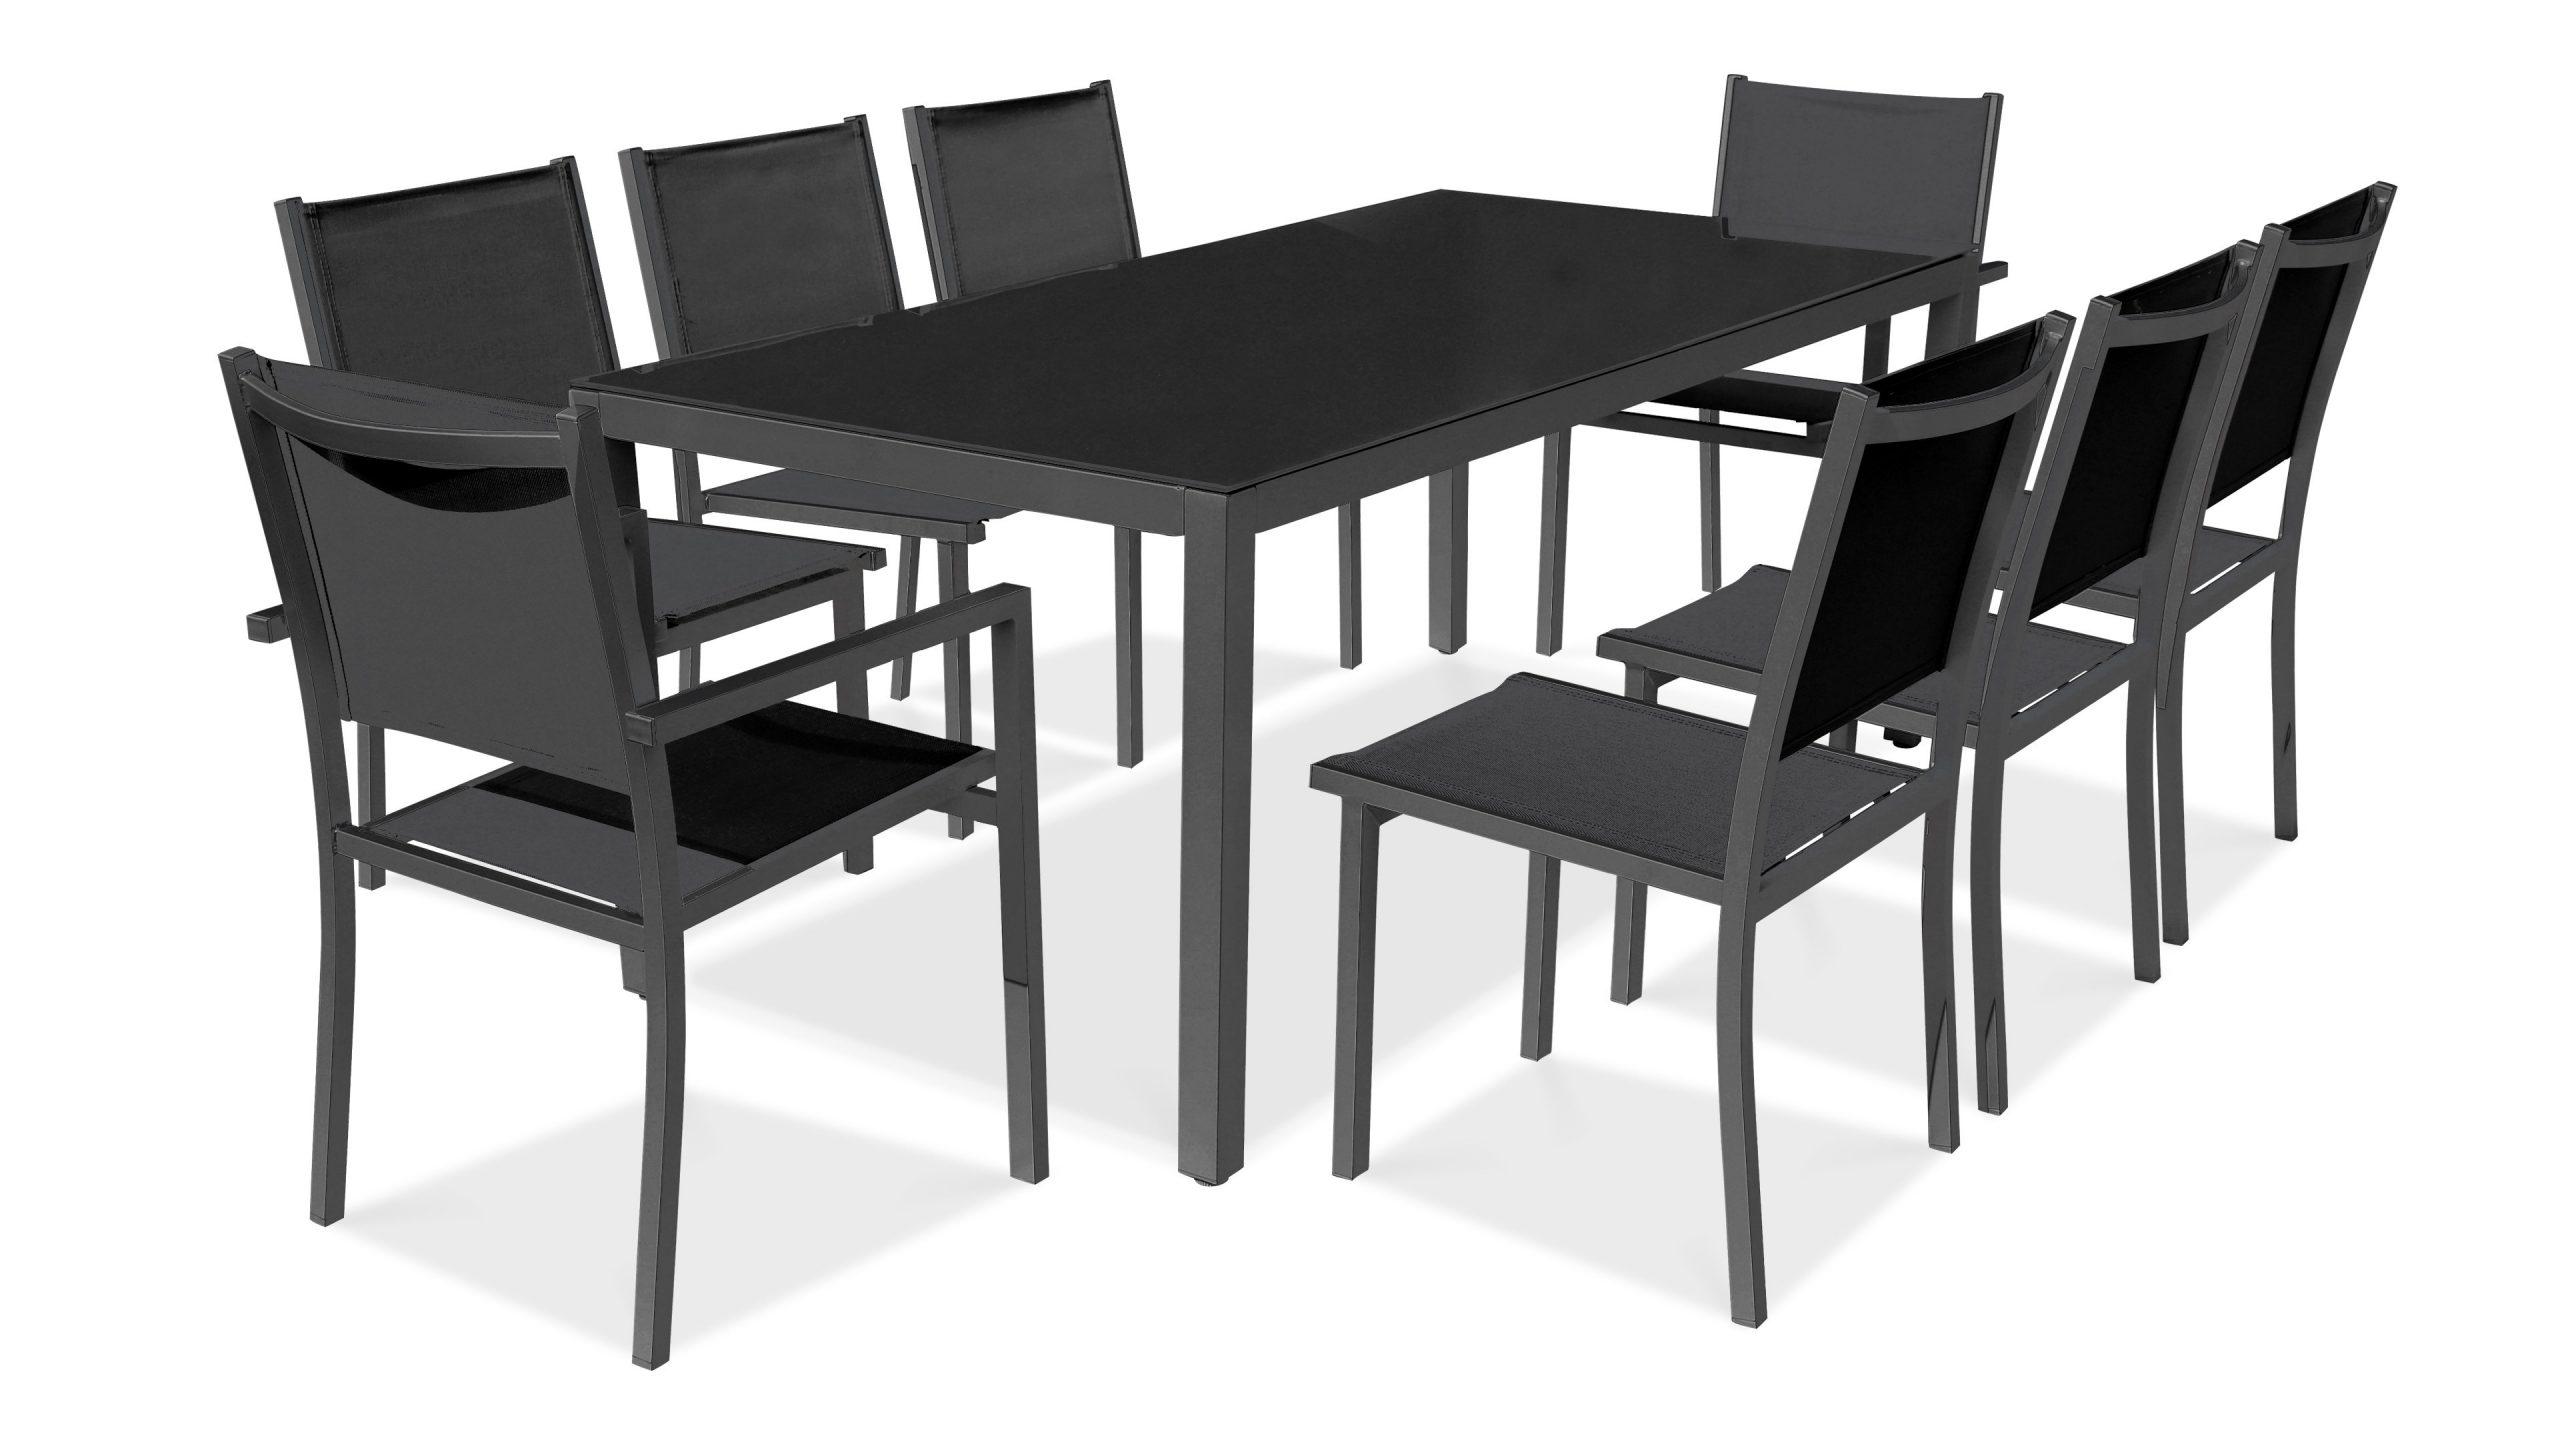 Salon De Jardin Aluminium Table De Jardin 8 Places tout Salon De Jardin À Prix Discount